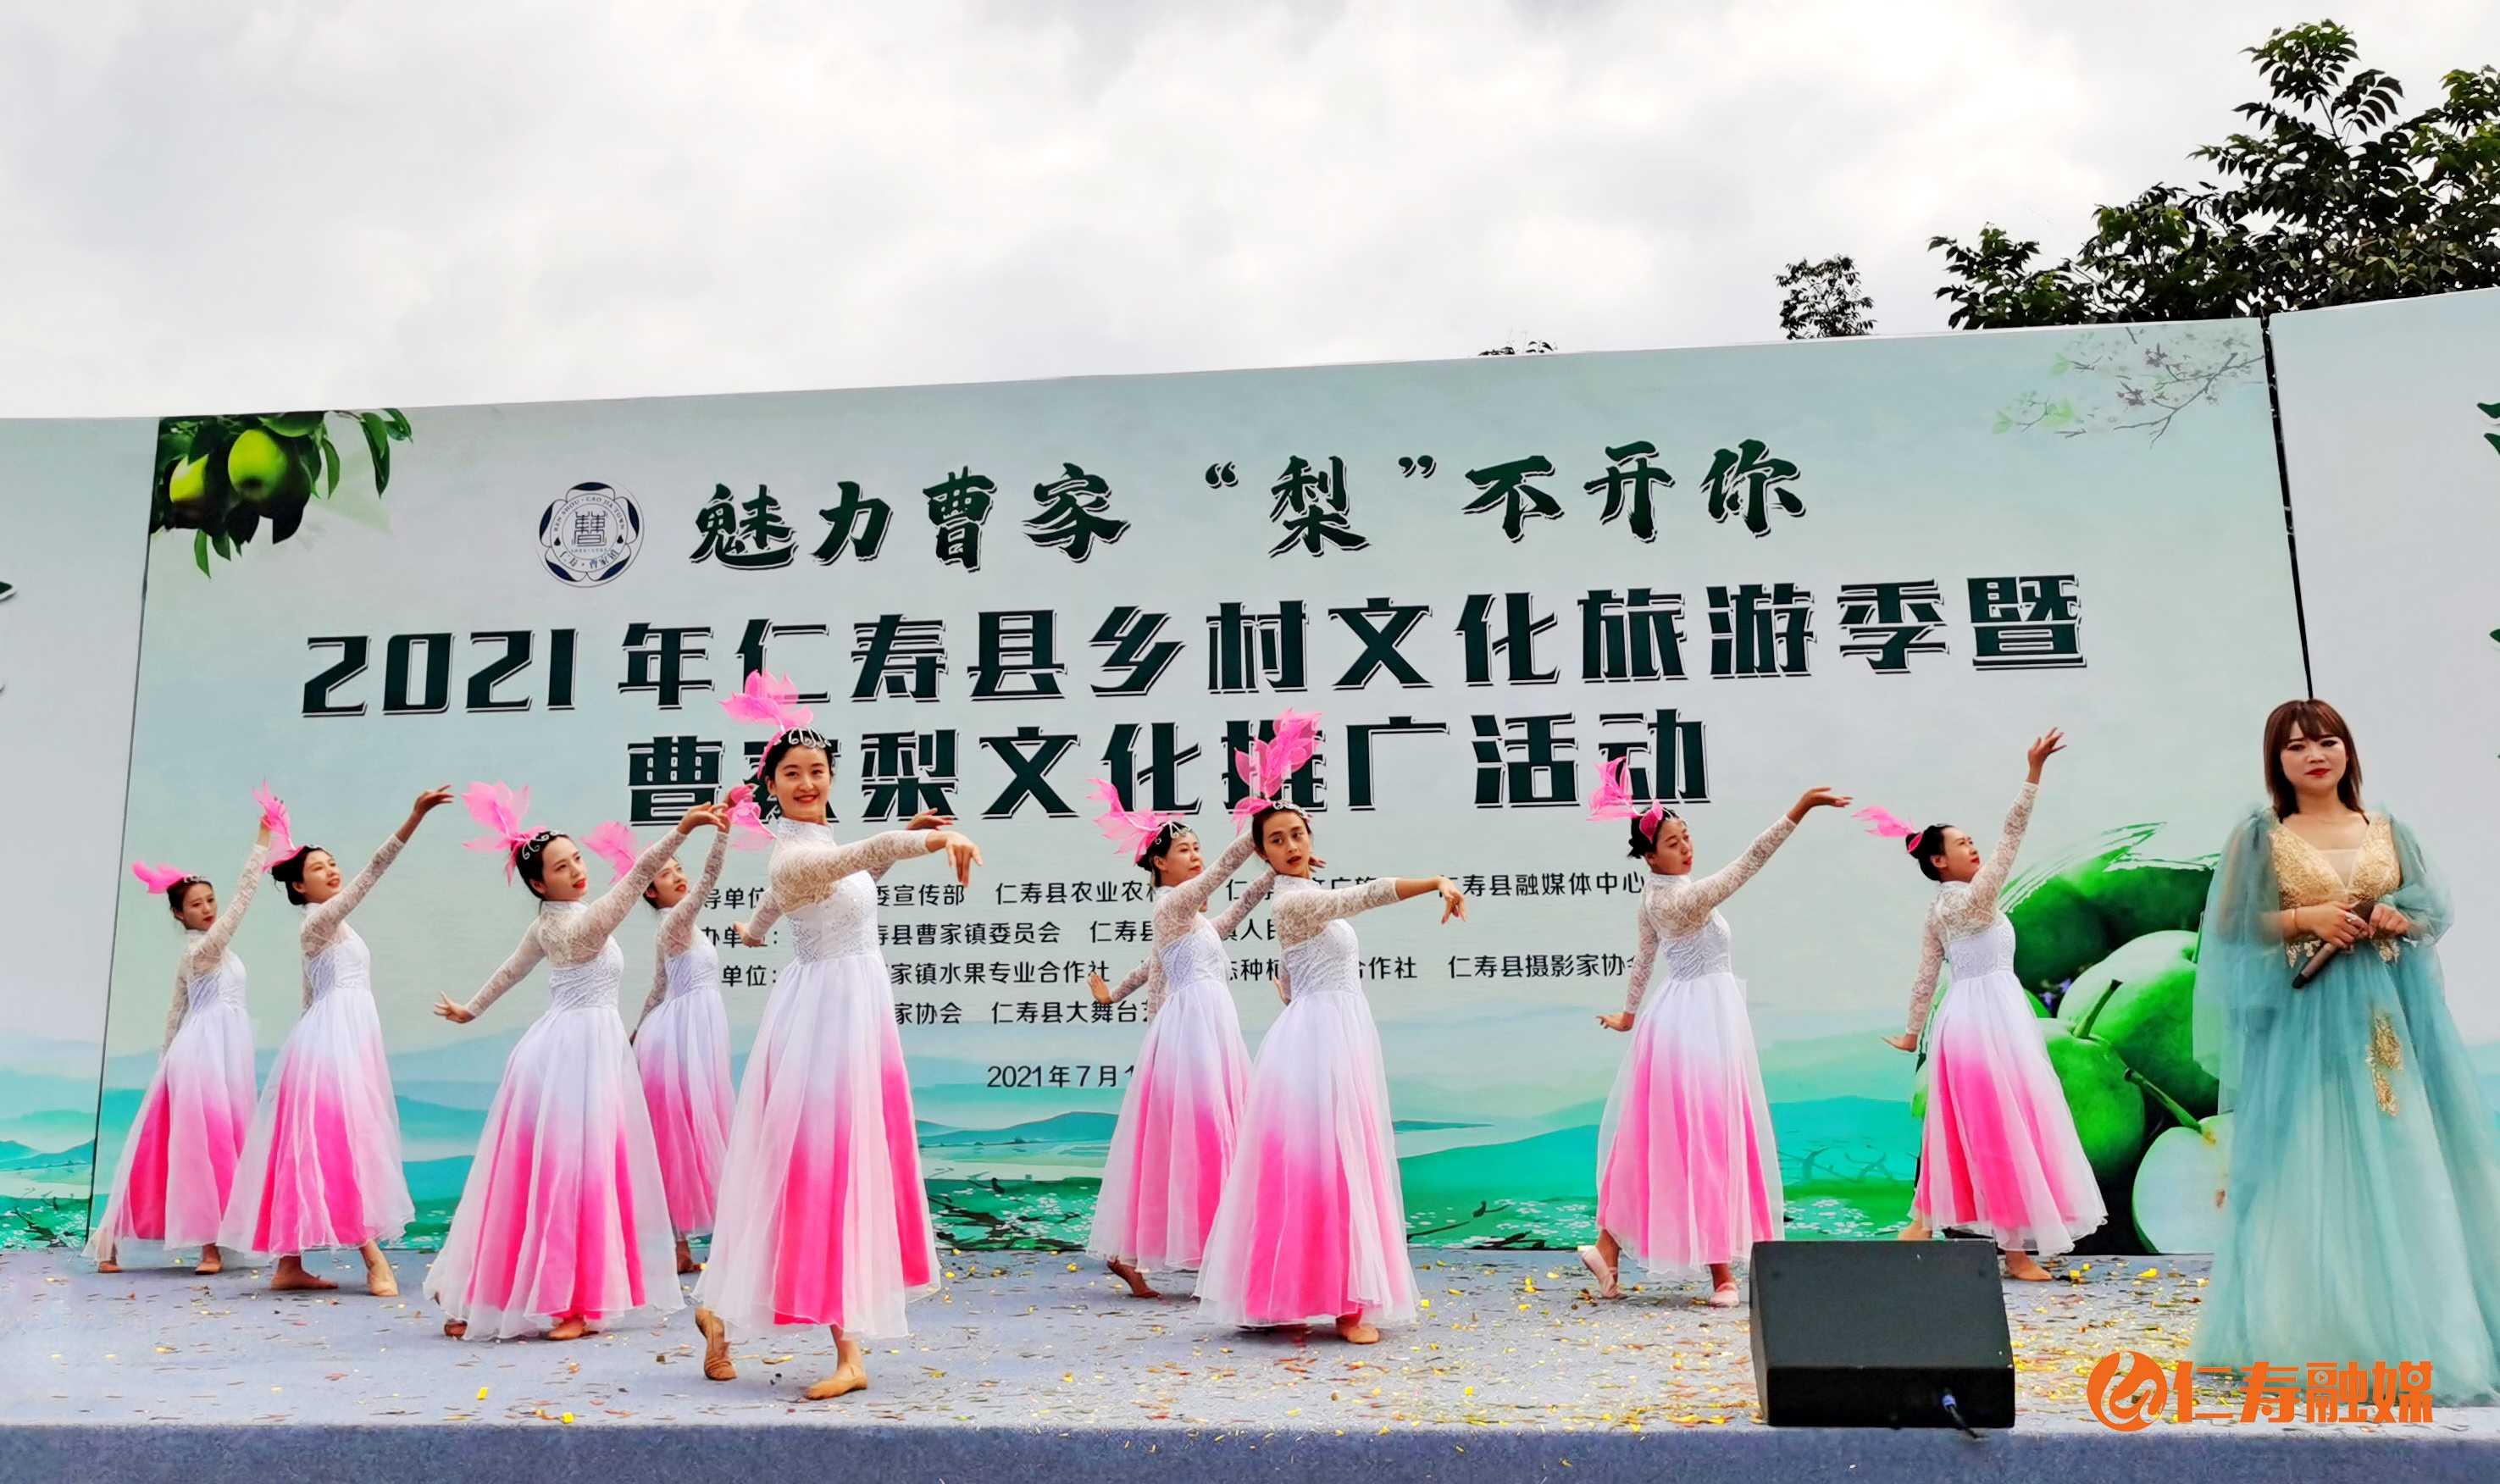 2021年仁寿县乡村文化旅游季暨曹家梨文化推广活动开幕